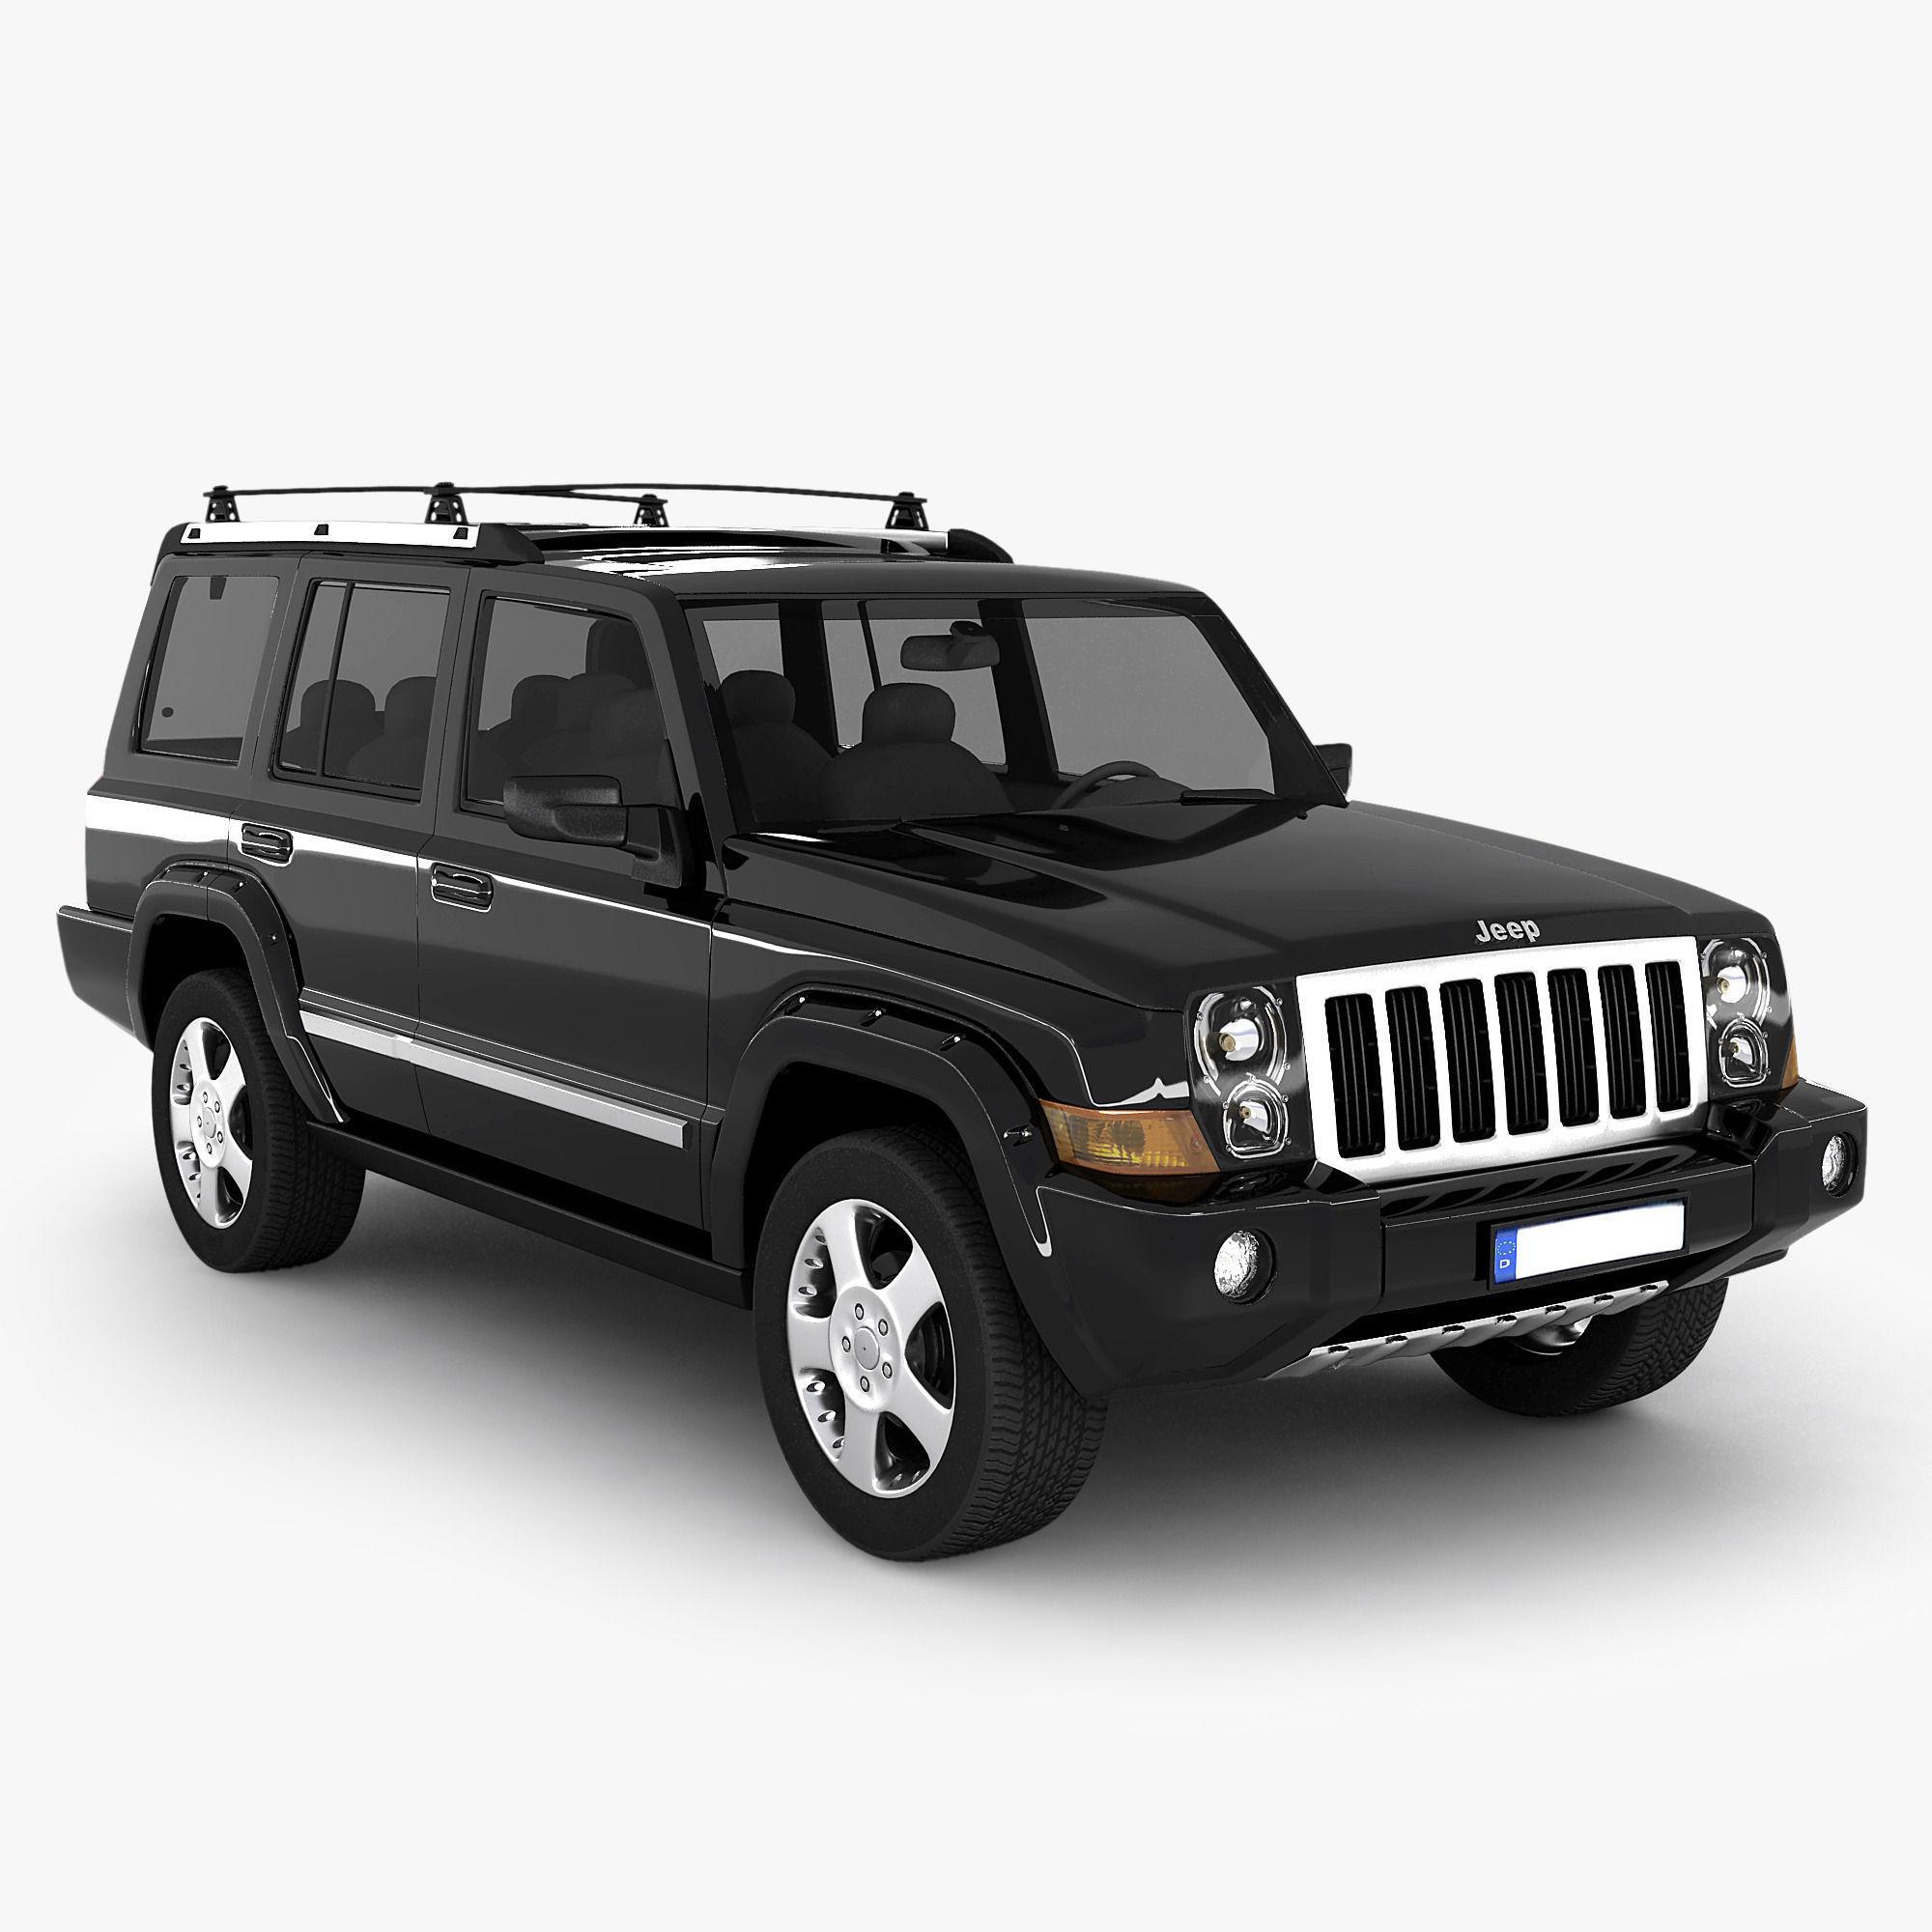 jeep commander suv 3d model max obj 3ds. Black Bedroom Furniture Sets. Home Design Ideas